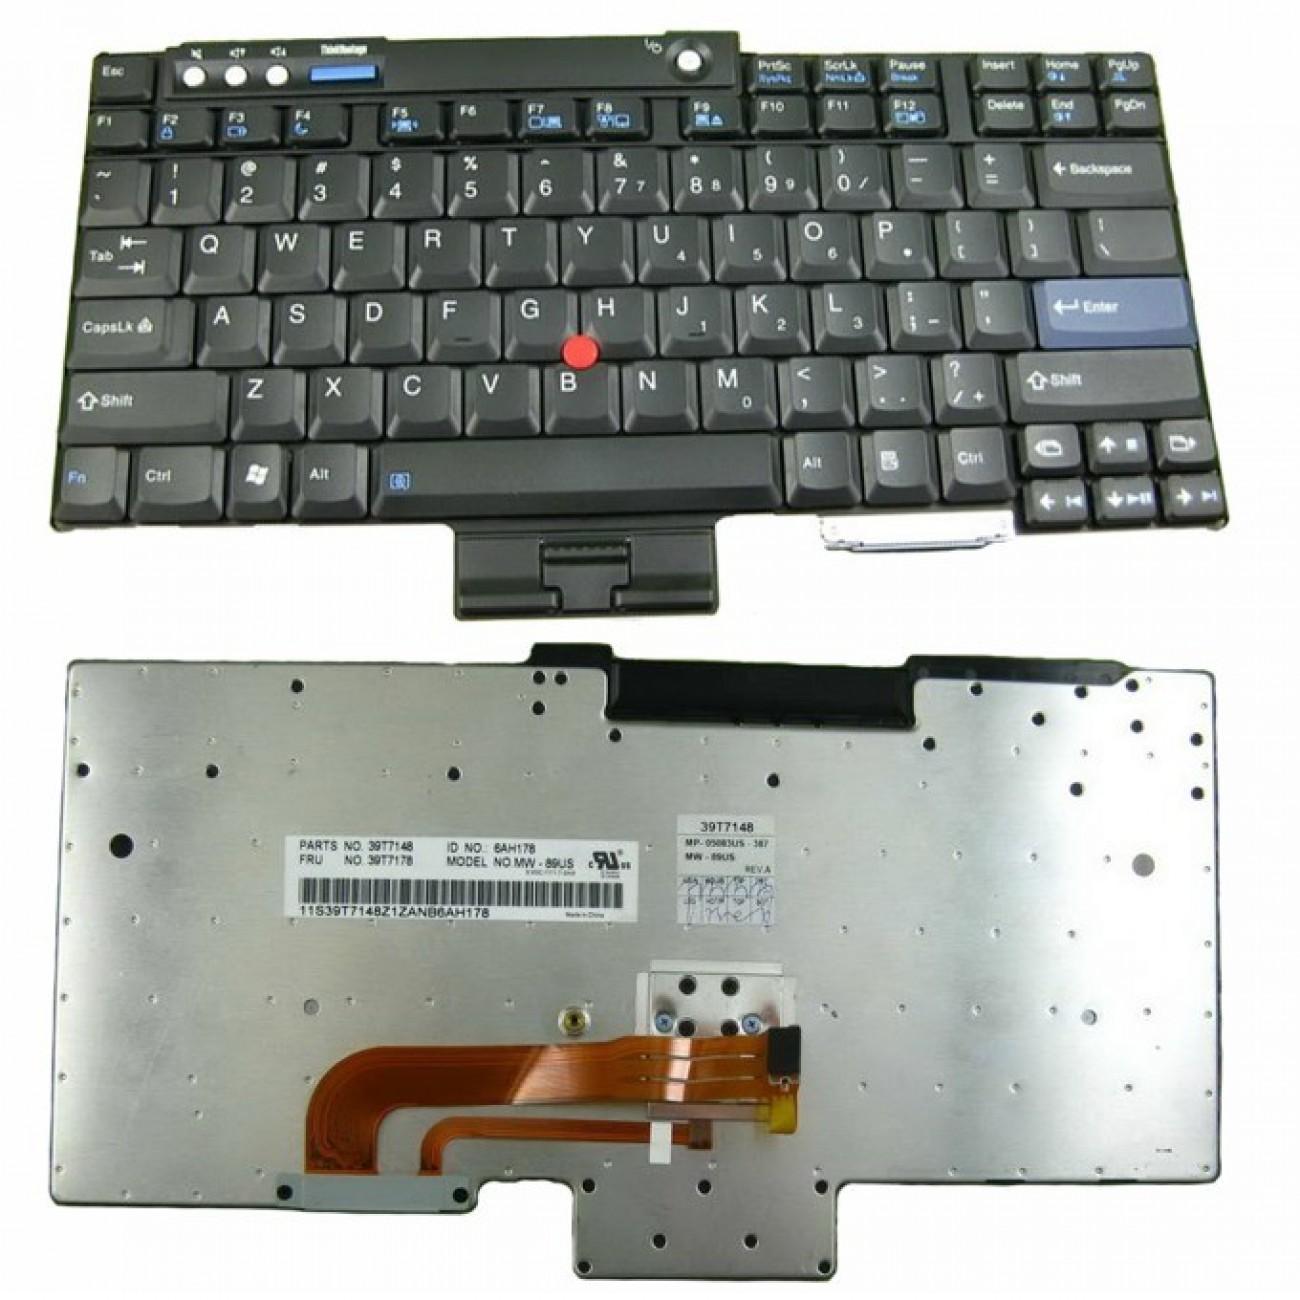 Клавиатура за IBM T60 T61 R60 R61 Z60T Z61T Z60M Z61M R400 R500 T400 T500 W500 в Резервни части -  | Alleop